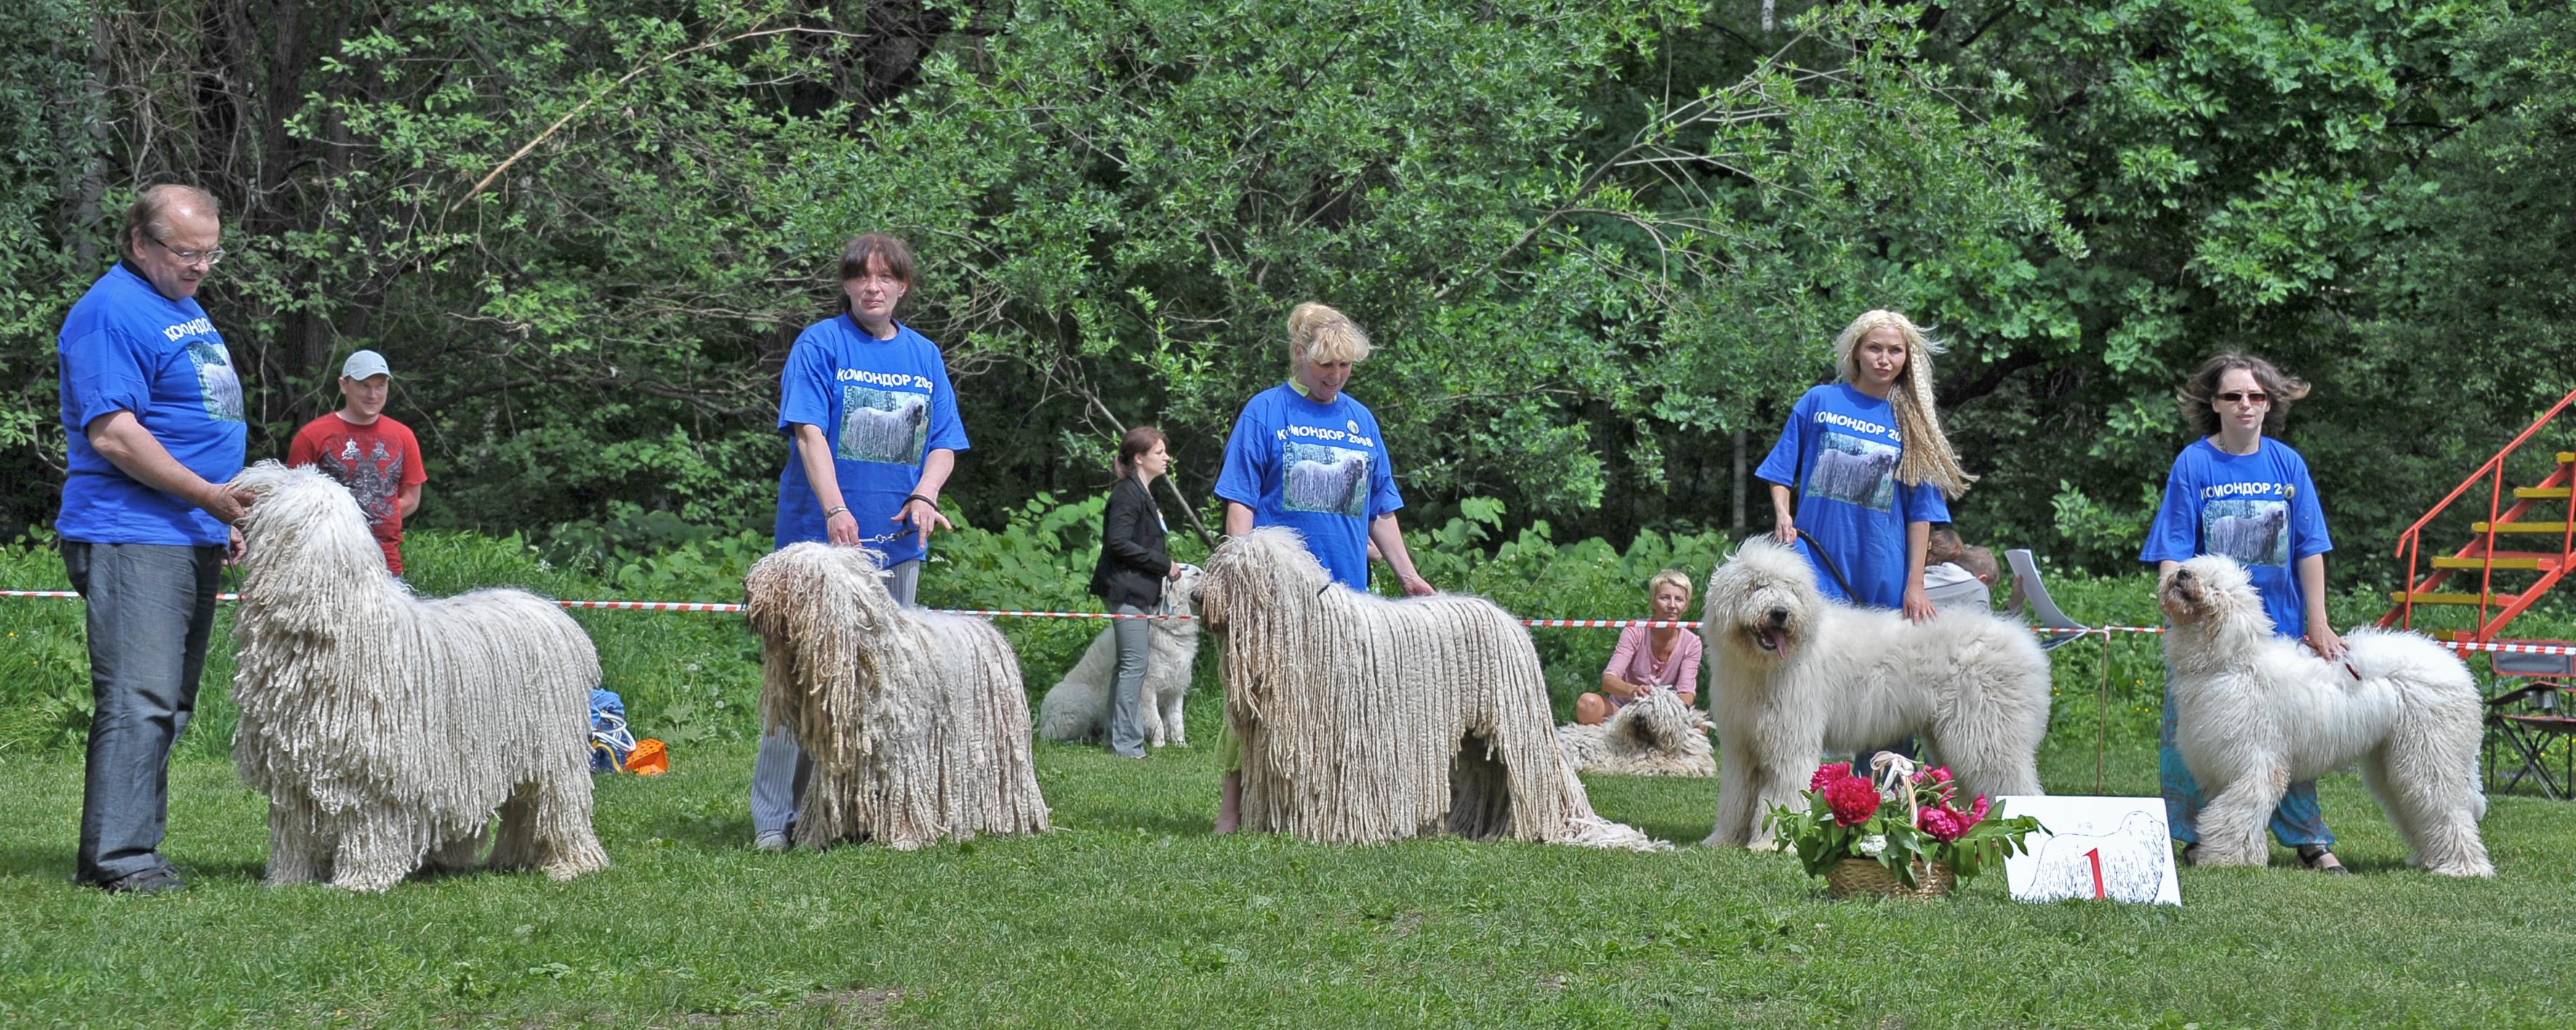 Комондора (венгерской овчарки) щенков продаем